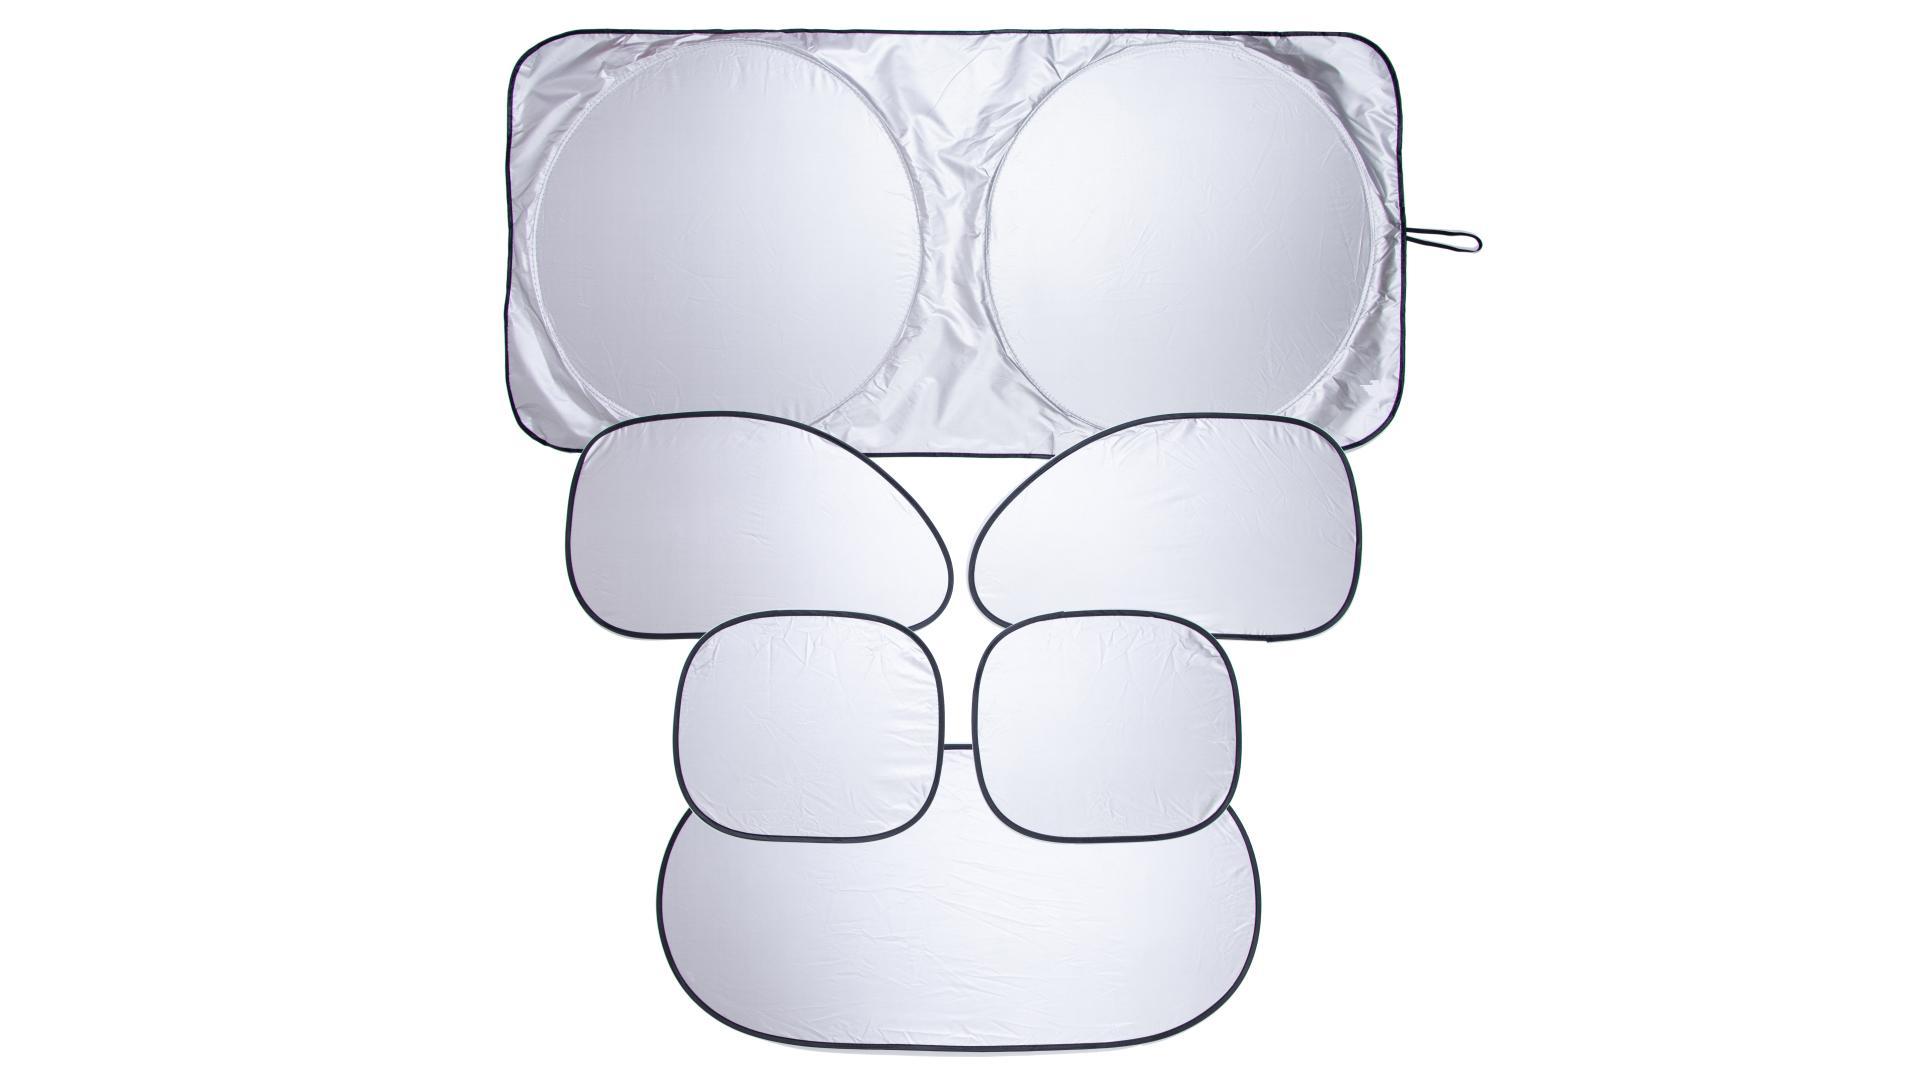 4CARS Sada tepelných clon ELASTIC veľká - 1x čelná 150x70cm,1x zadná,4x bočná